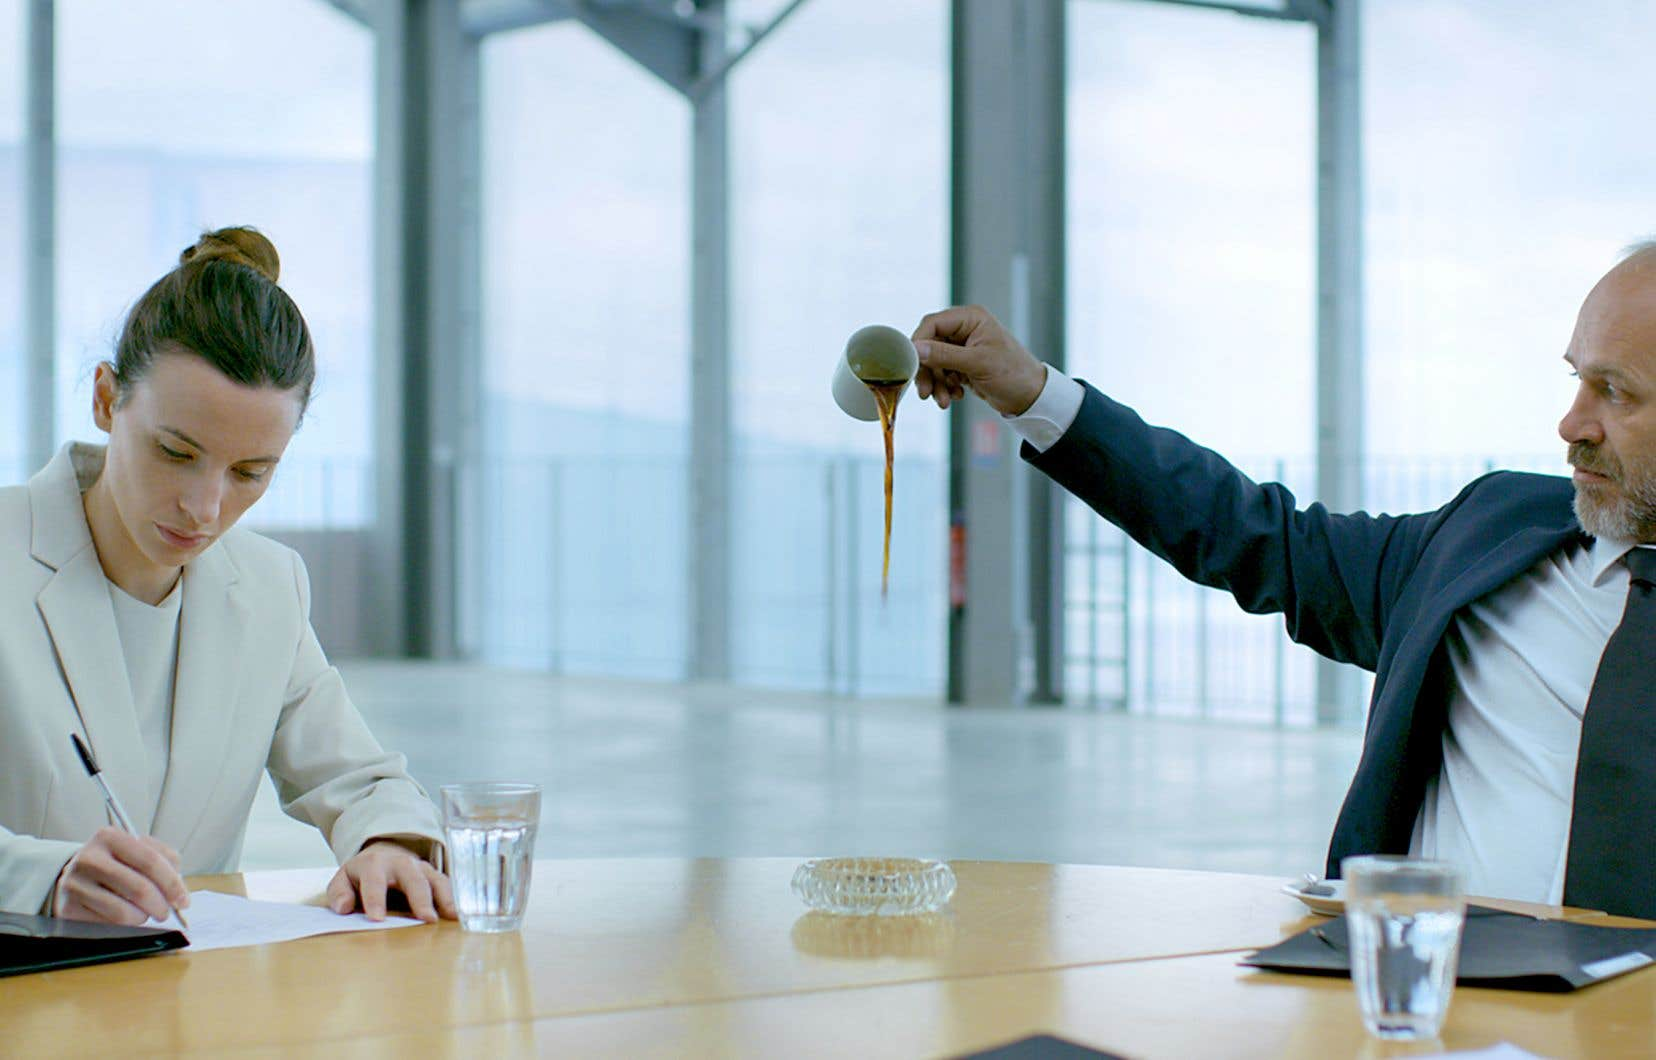 Une image tirée de la vidéo «Top/Down», de Romana Schmalisch et Robert Schlicht, une œuvre présentée à l'expo «Souriez! Les émotions au travail», au Musée d'art de Joliette.